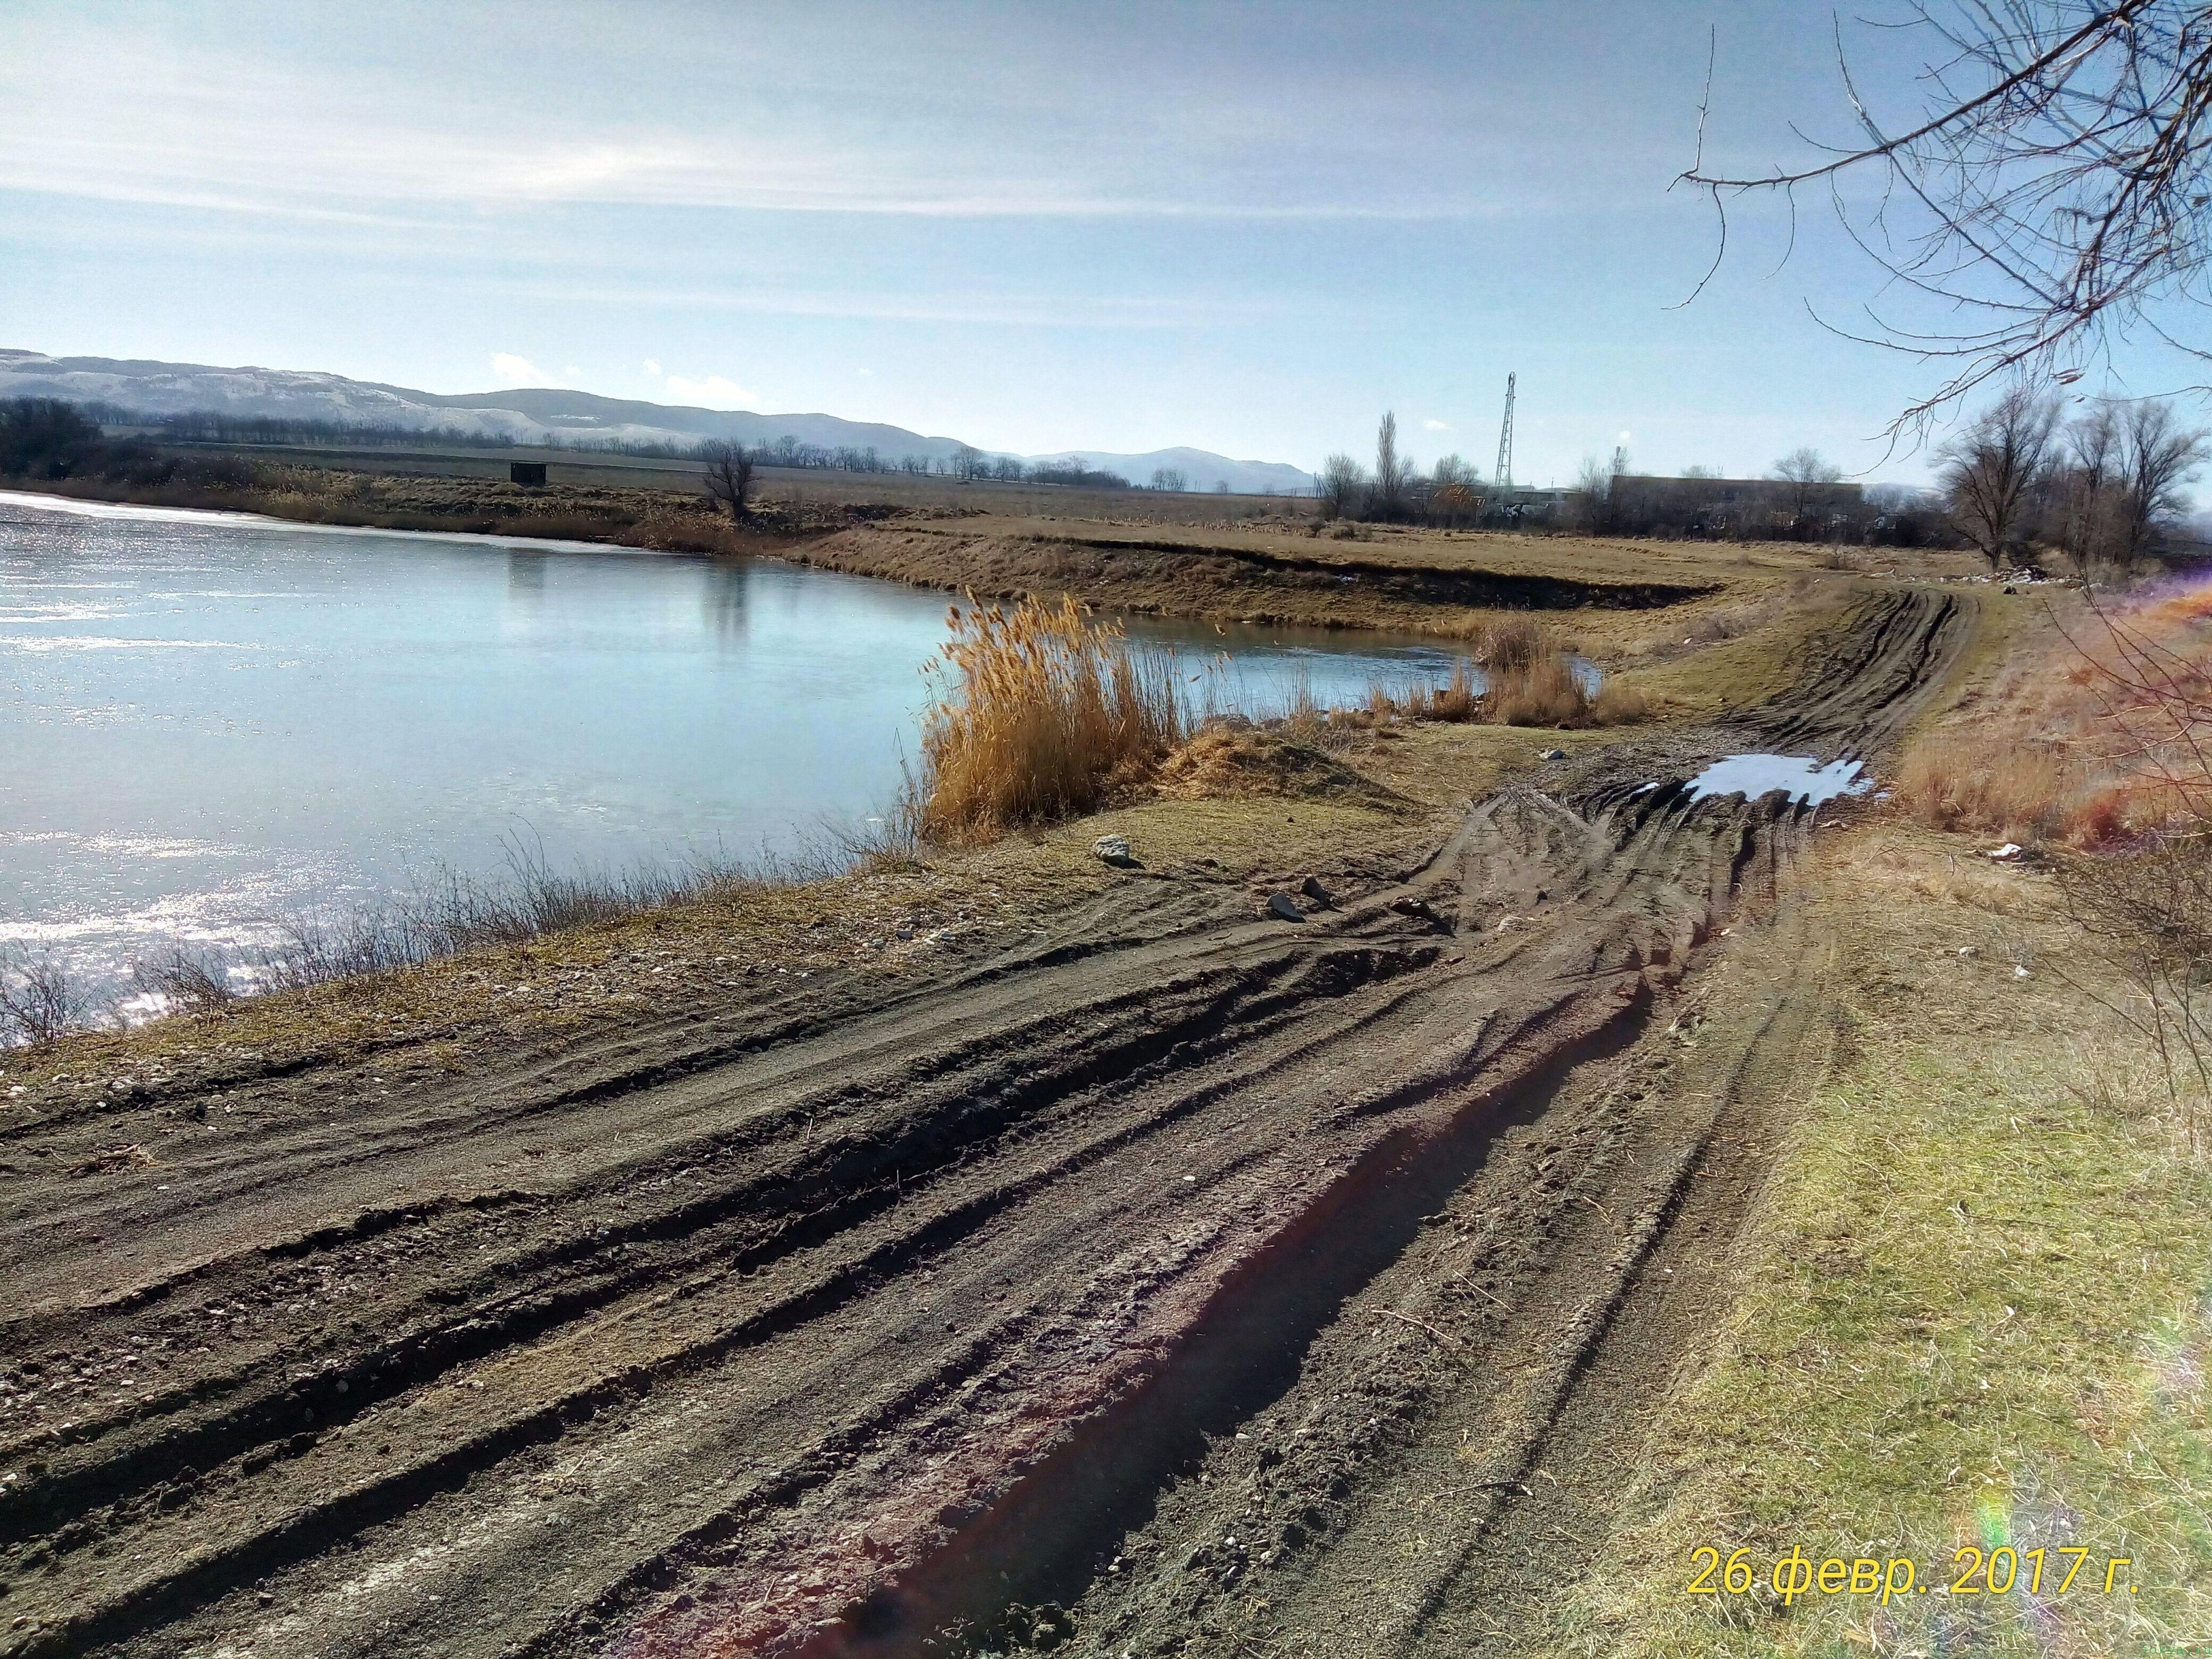 Рыбалка на водоеме феврале: ловля карася на опарыш фото заметка о моей реальности в Крыму jokya.ru